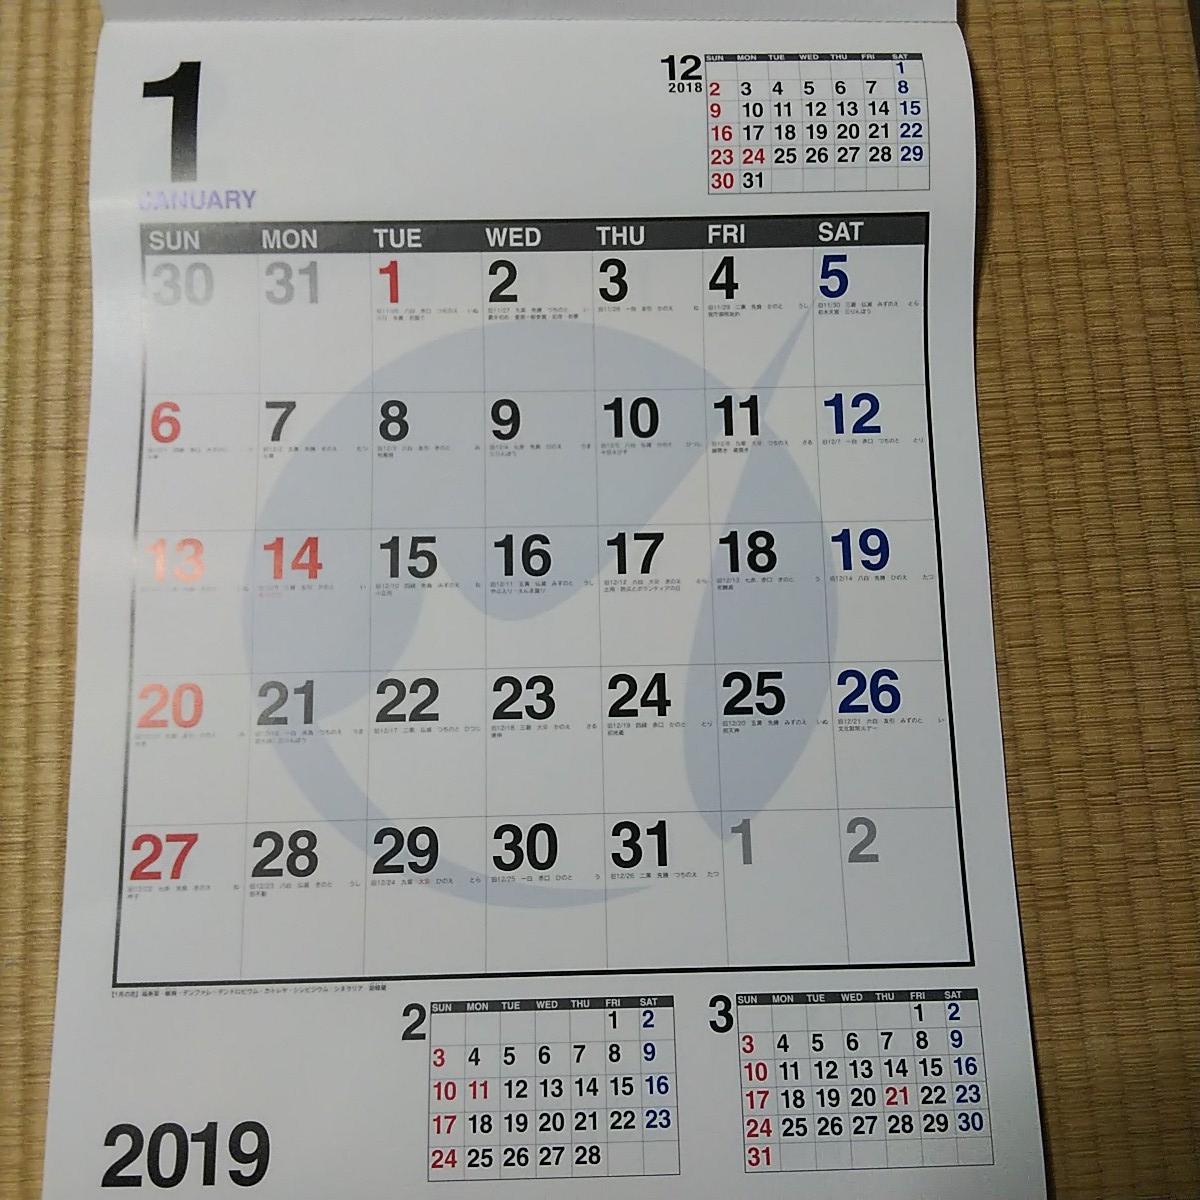 2019 文字暦カレンダー 【ビジネス カレンダー】太い文字、三色、メモ欄広い、六曜、4ケ月表示 値下げ!_画像2